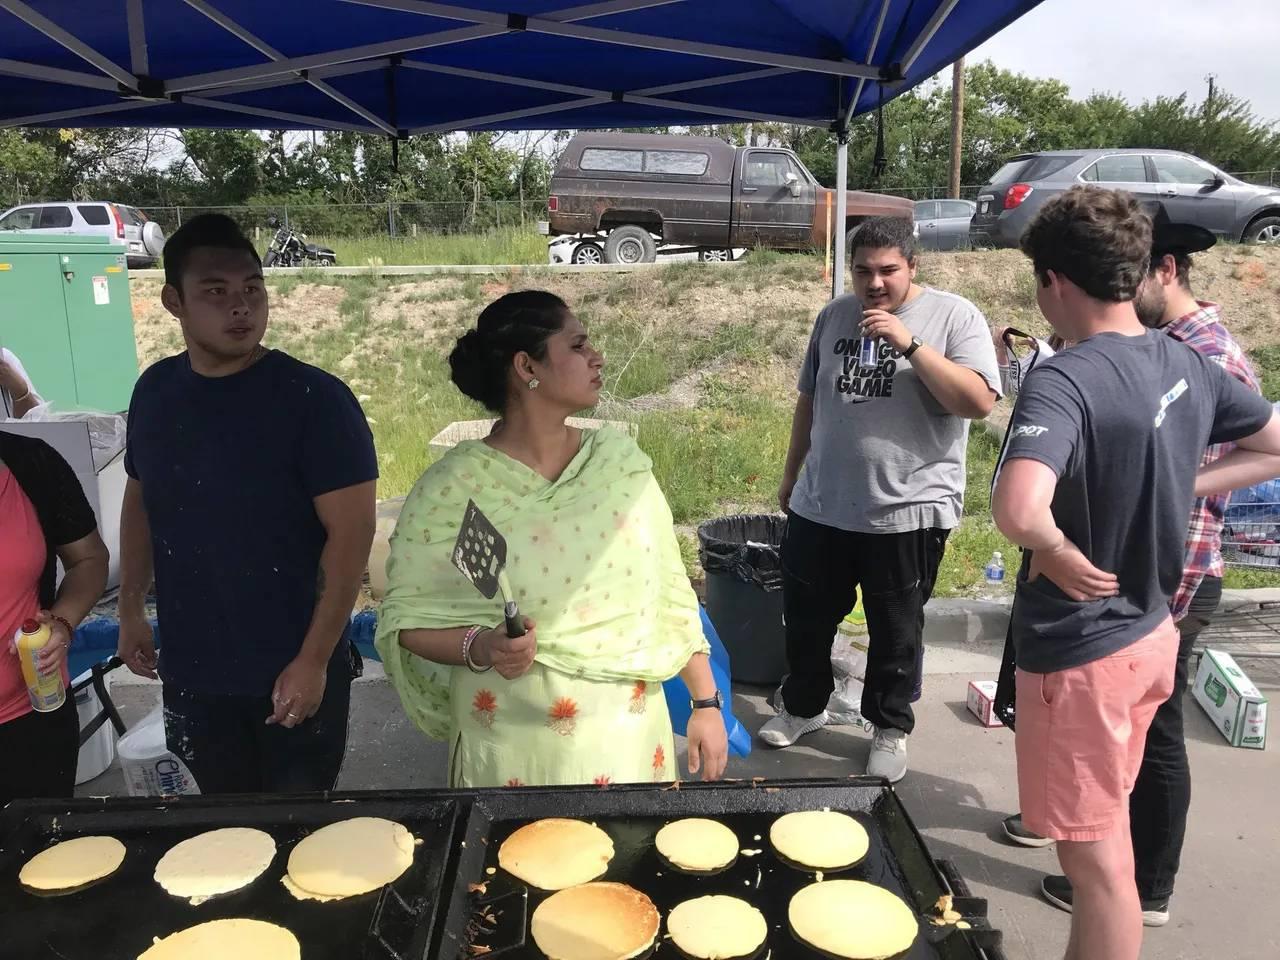 Pancake Breakfast - Pancake Cooking